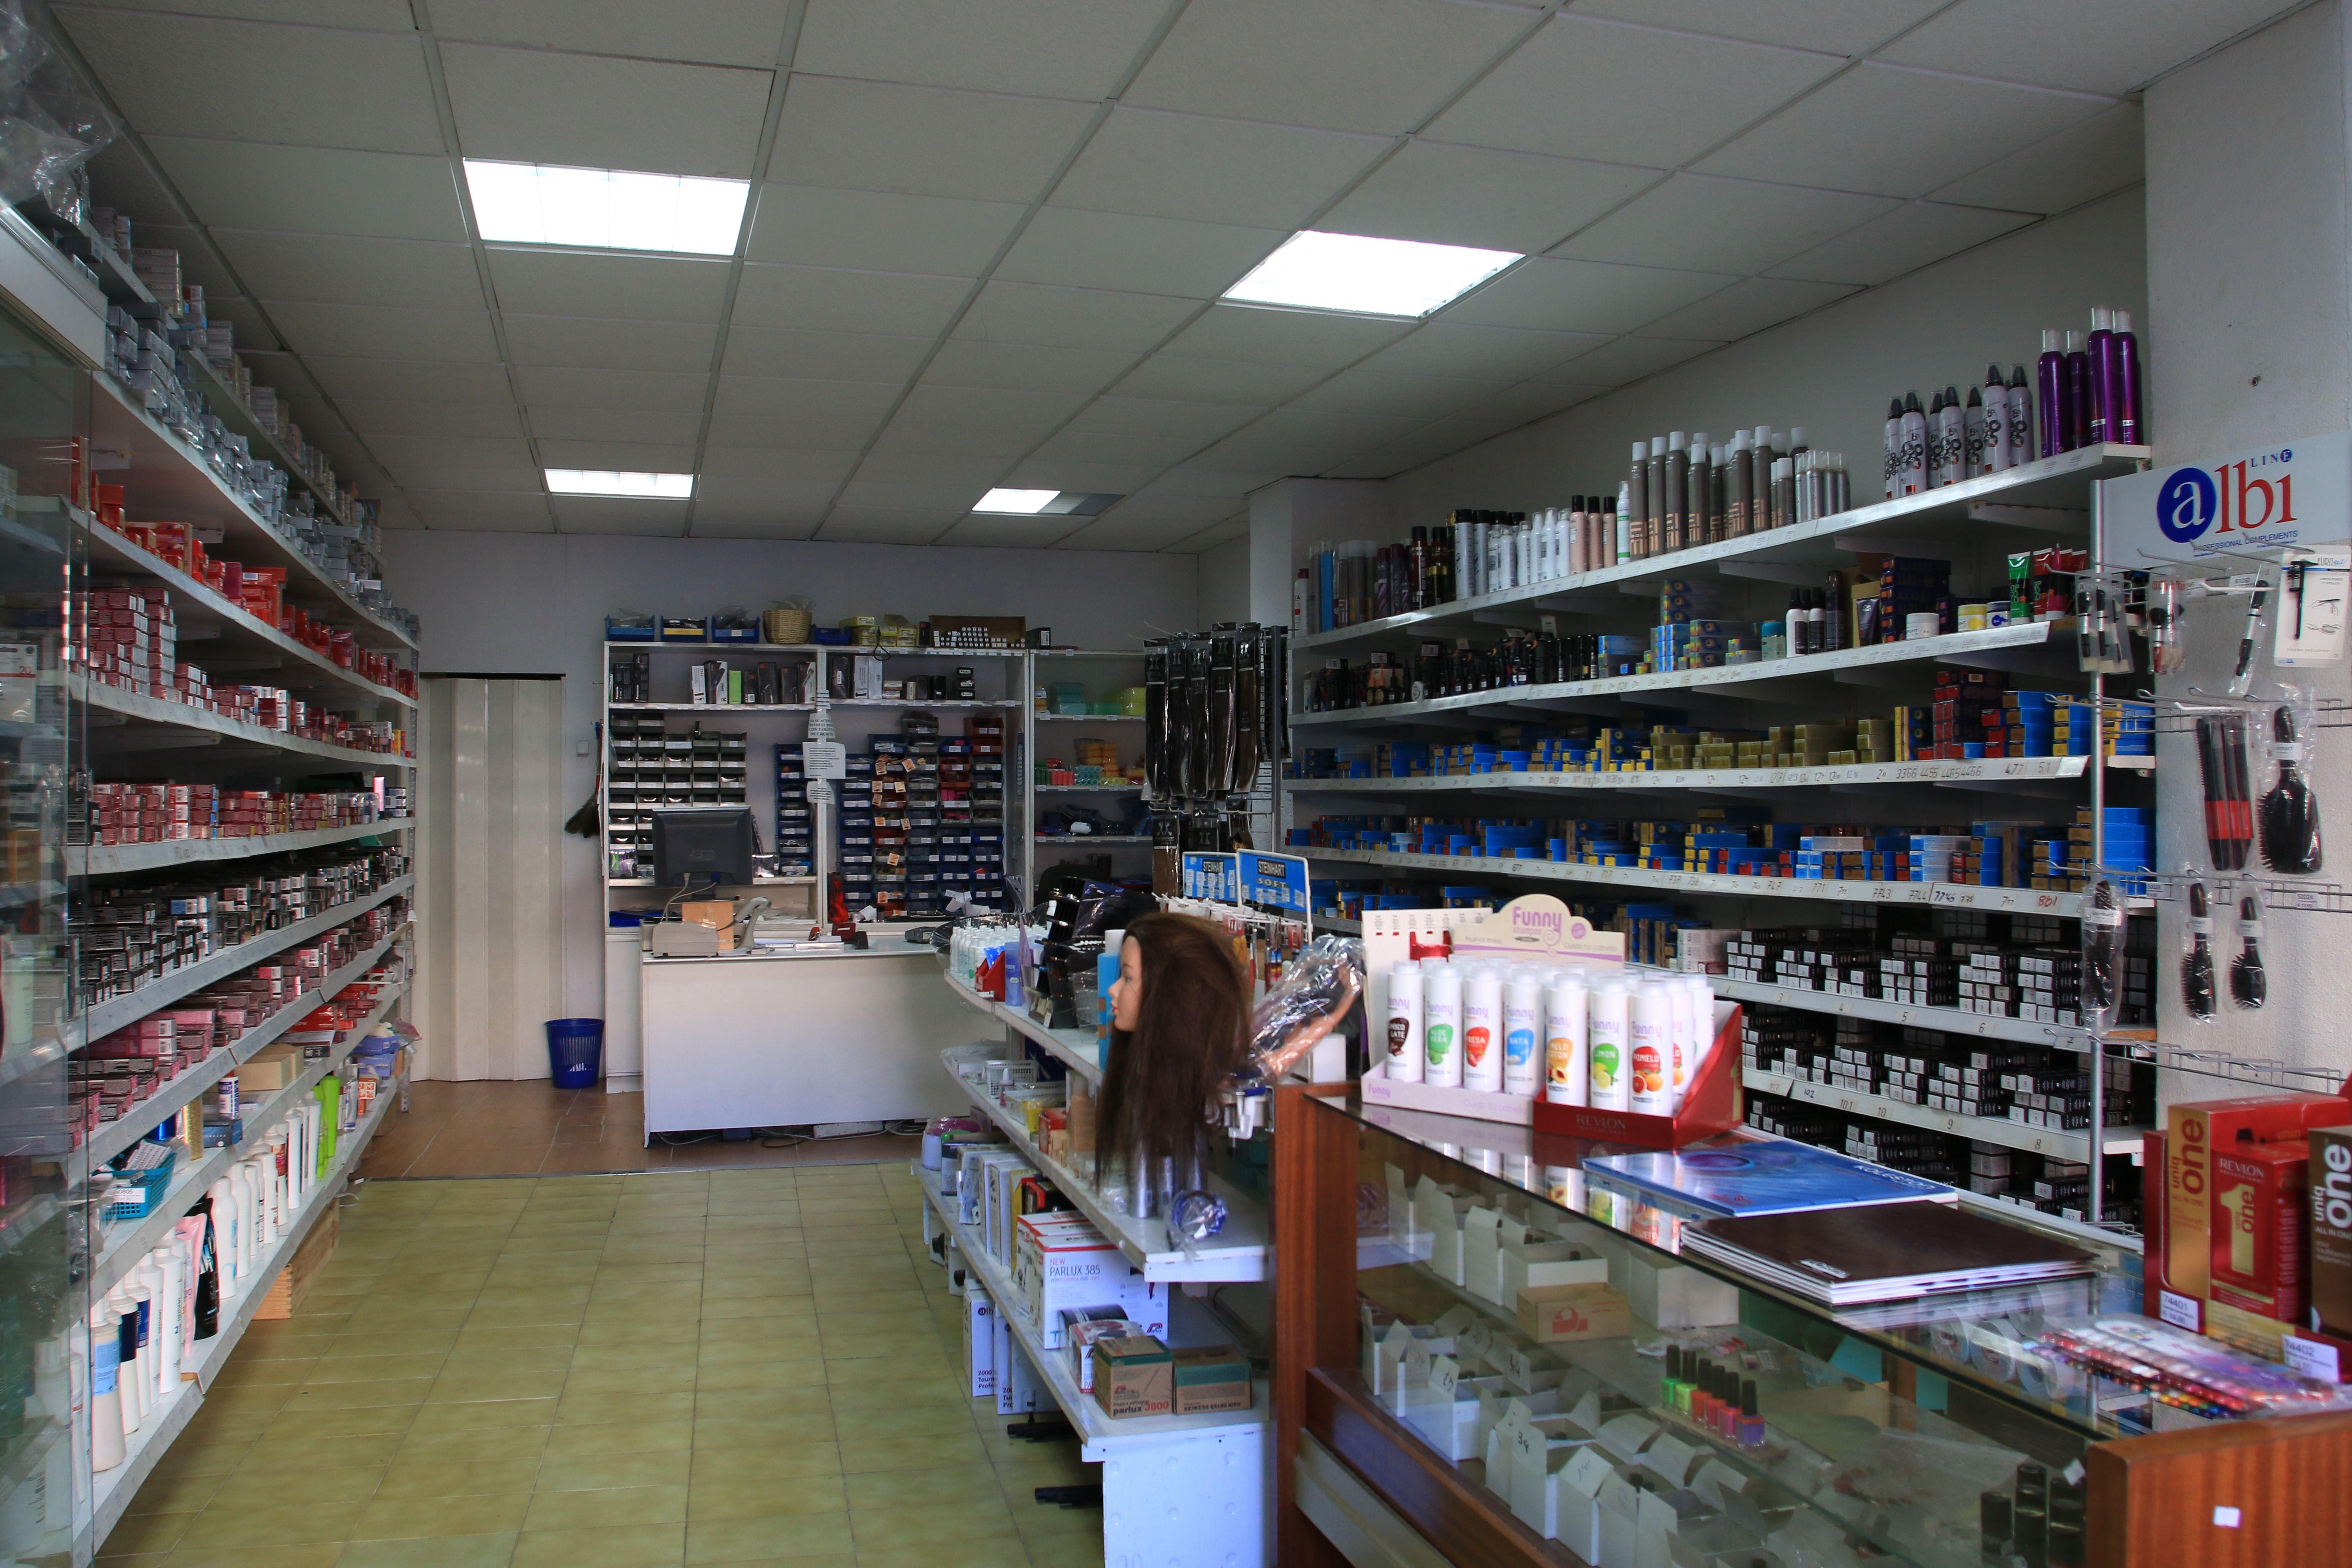 Foto 1 de Suministros para peluquerías en Palma de Mallorca | Distribuciones Porcel